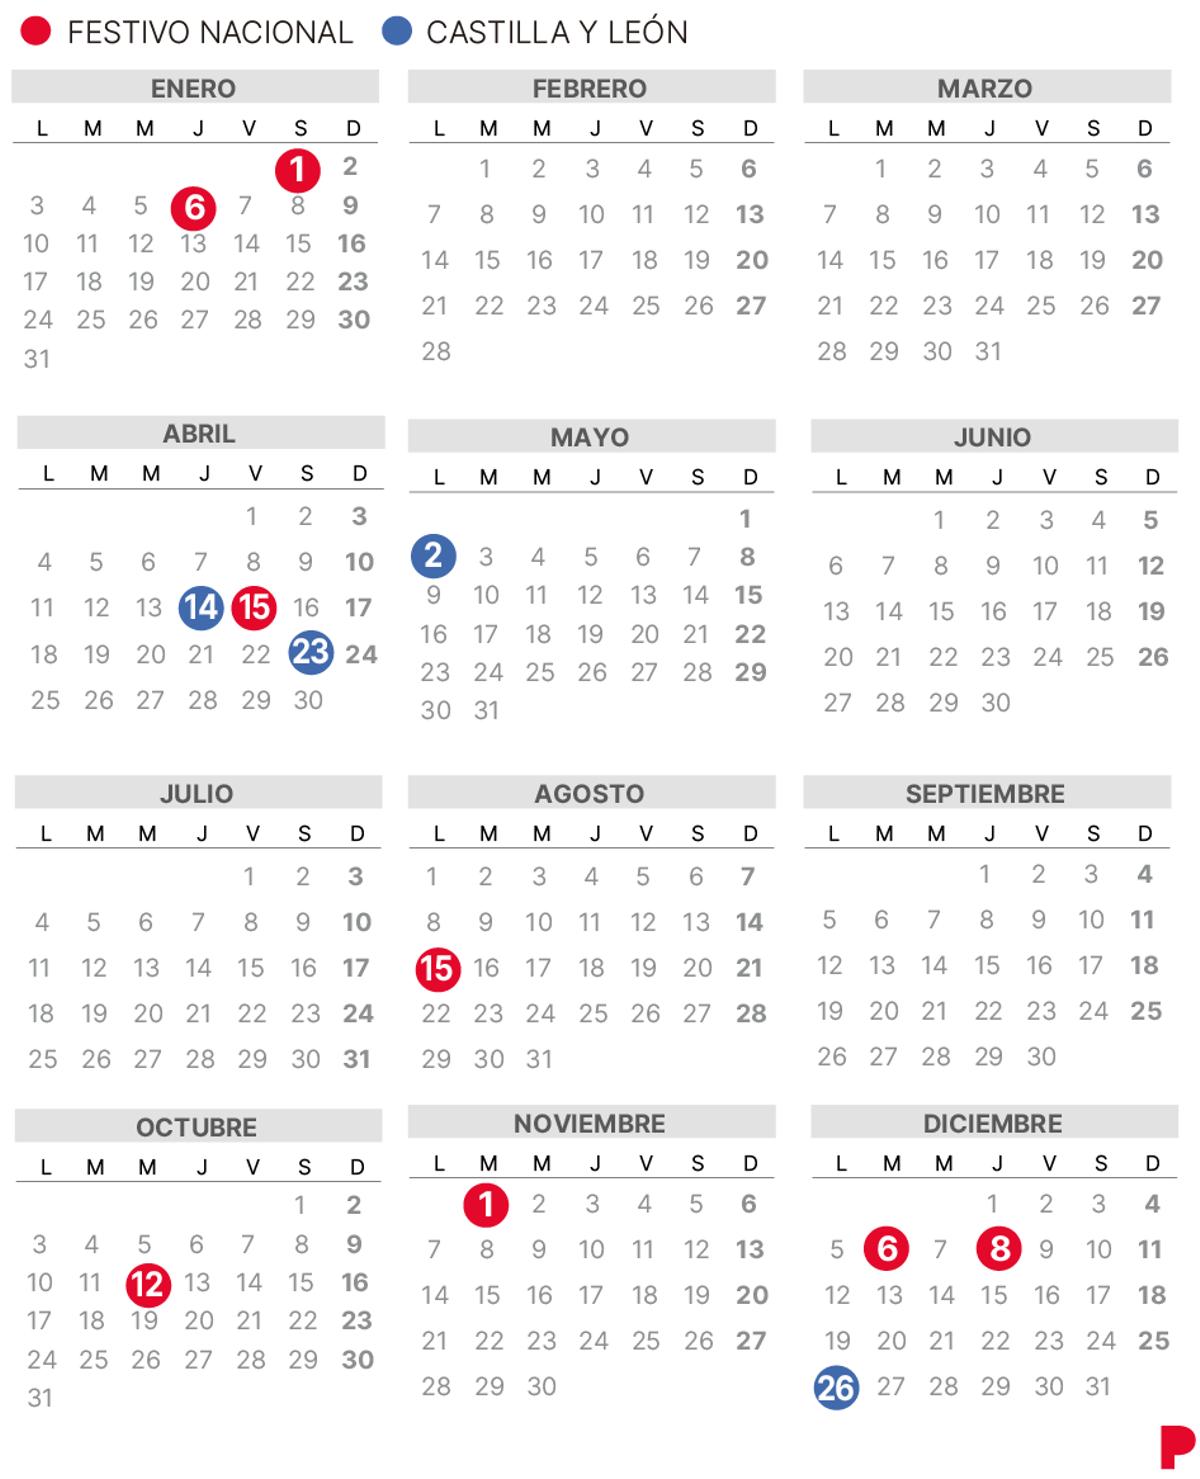 Calendari laboral de Castella i Lleó del 2022 (amb tots els dies festius)